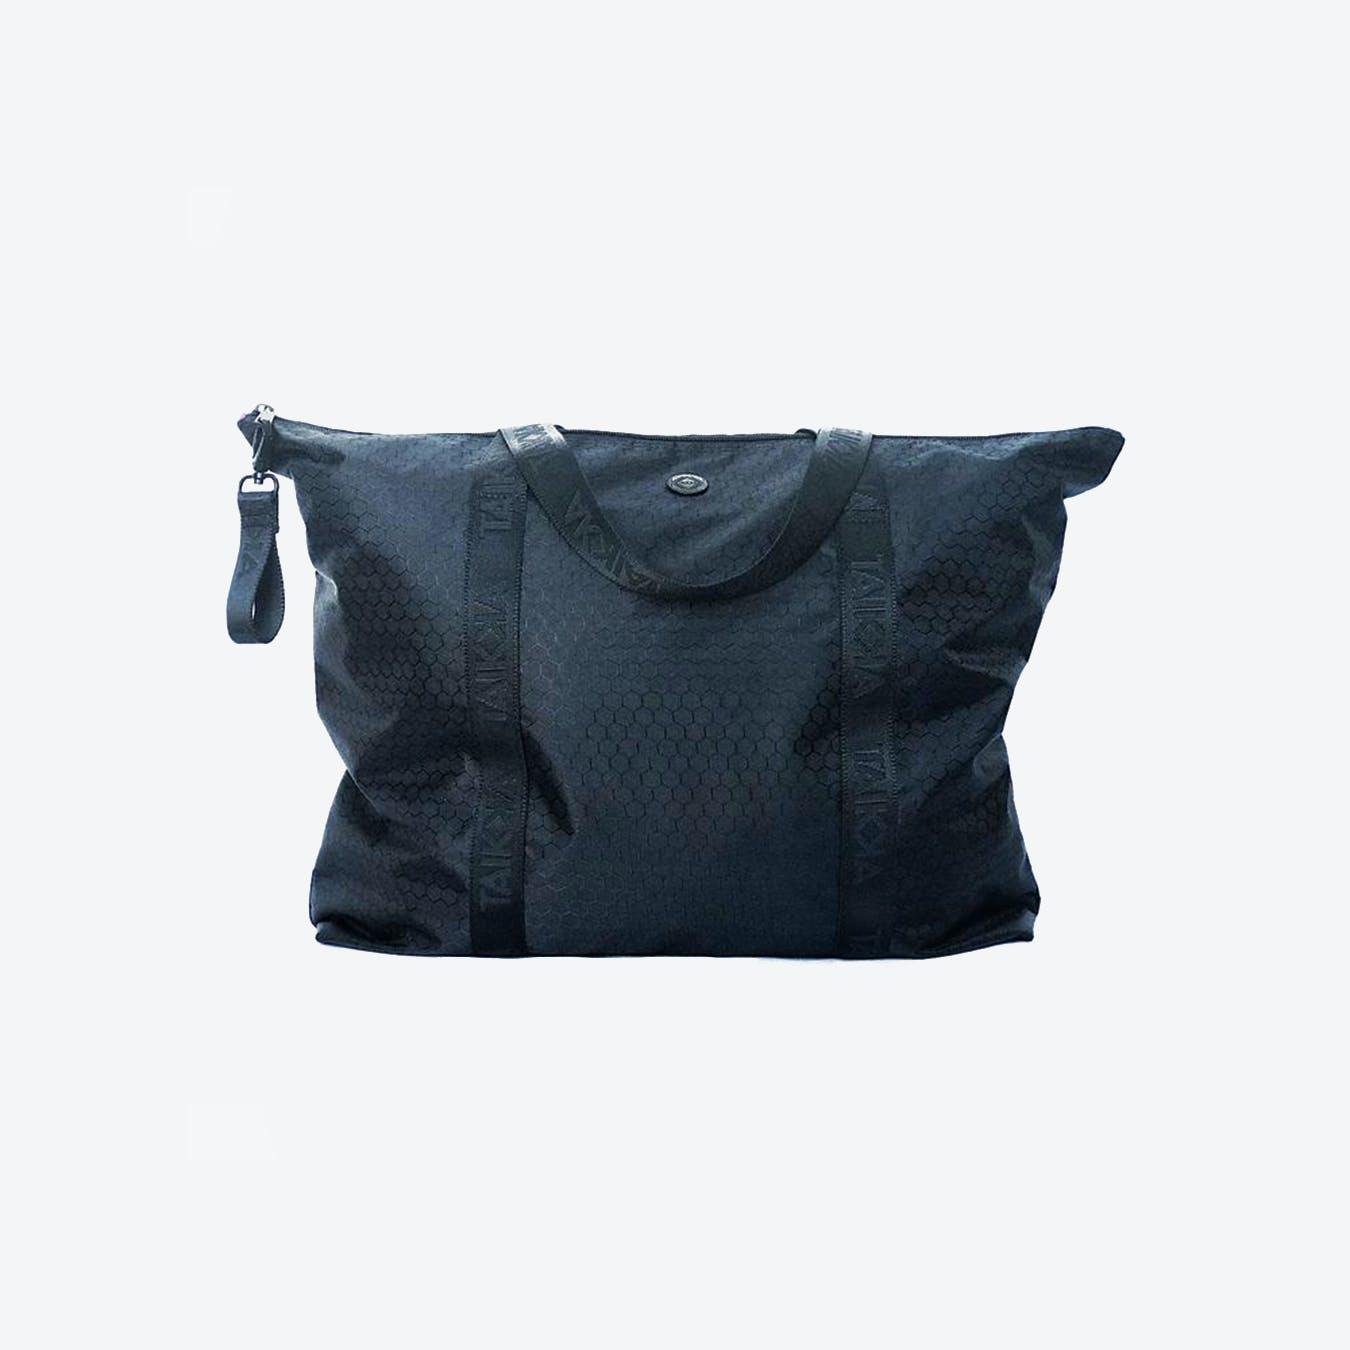 Zip It Up Travel Bag in Black Nylon